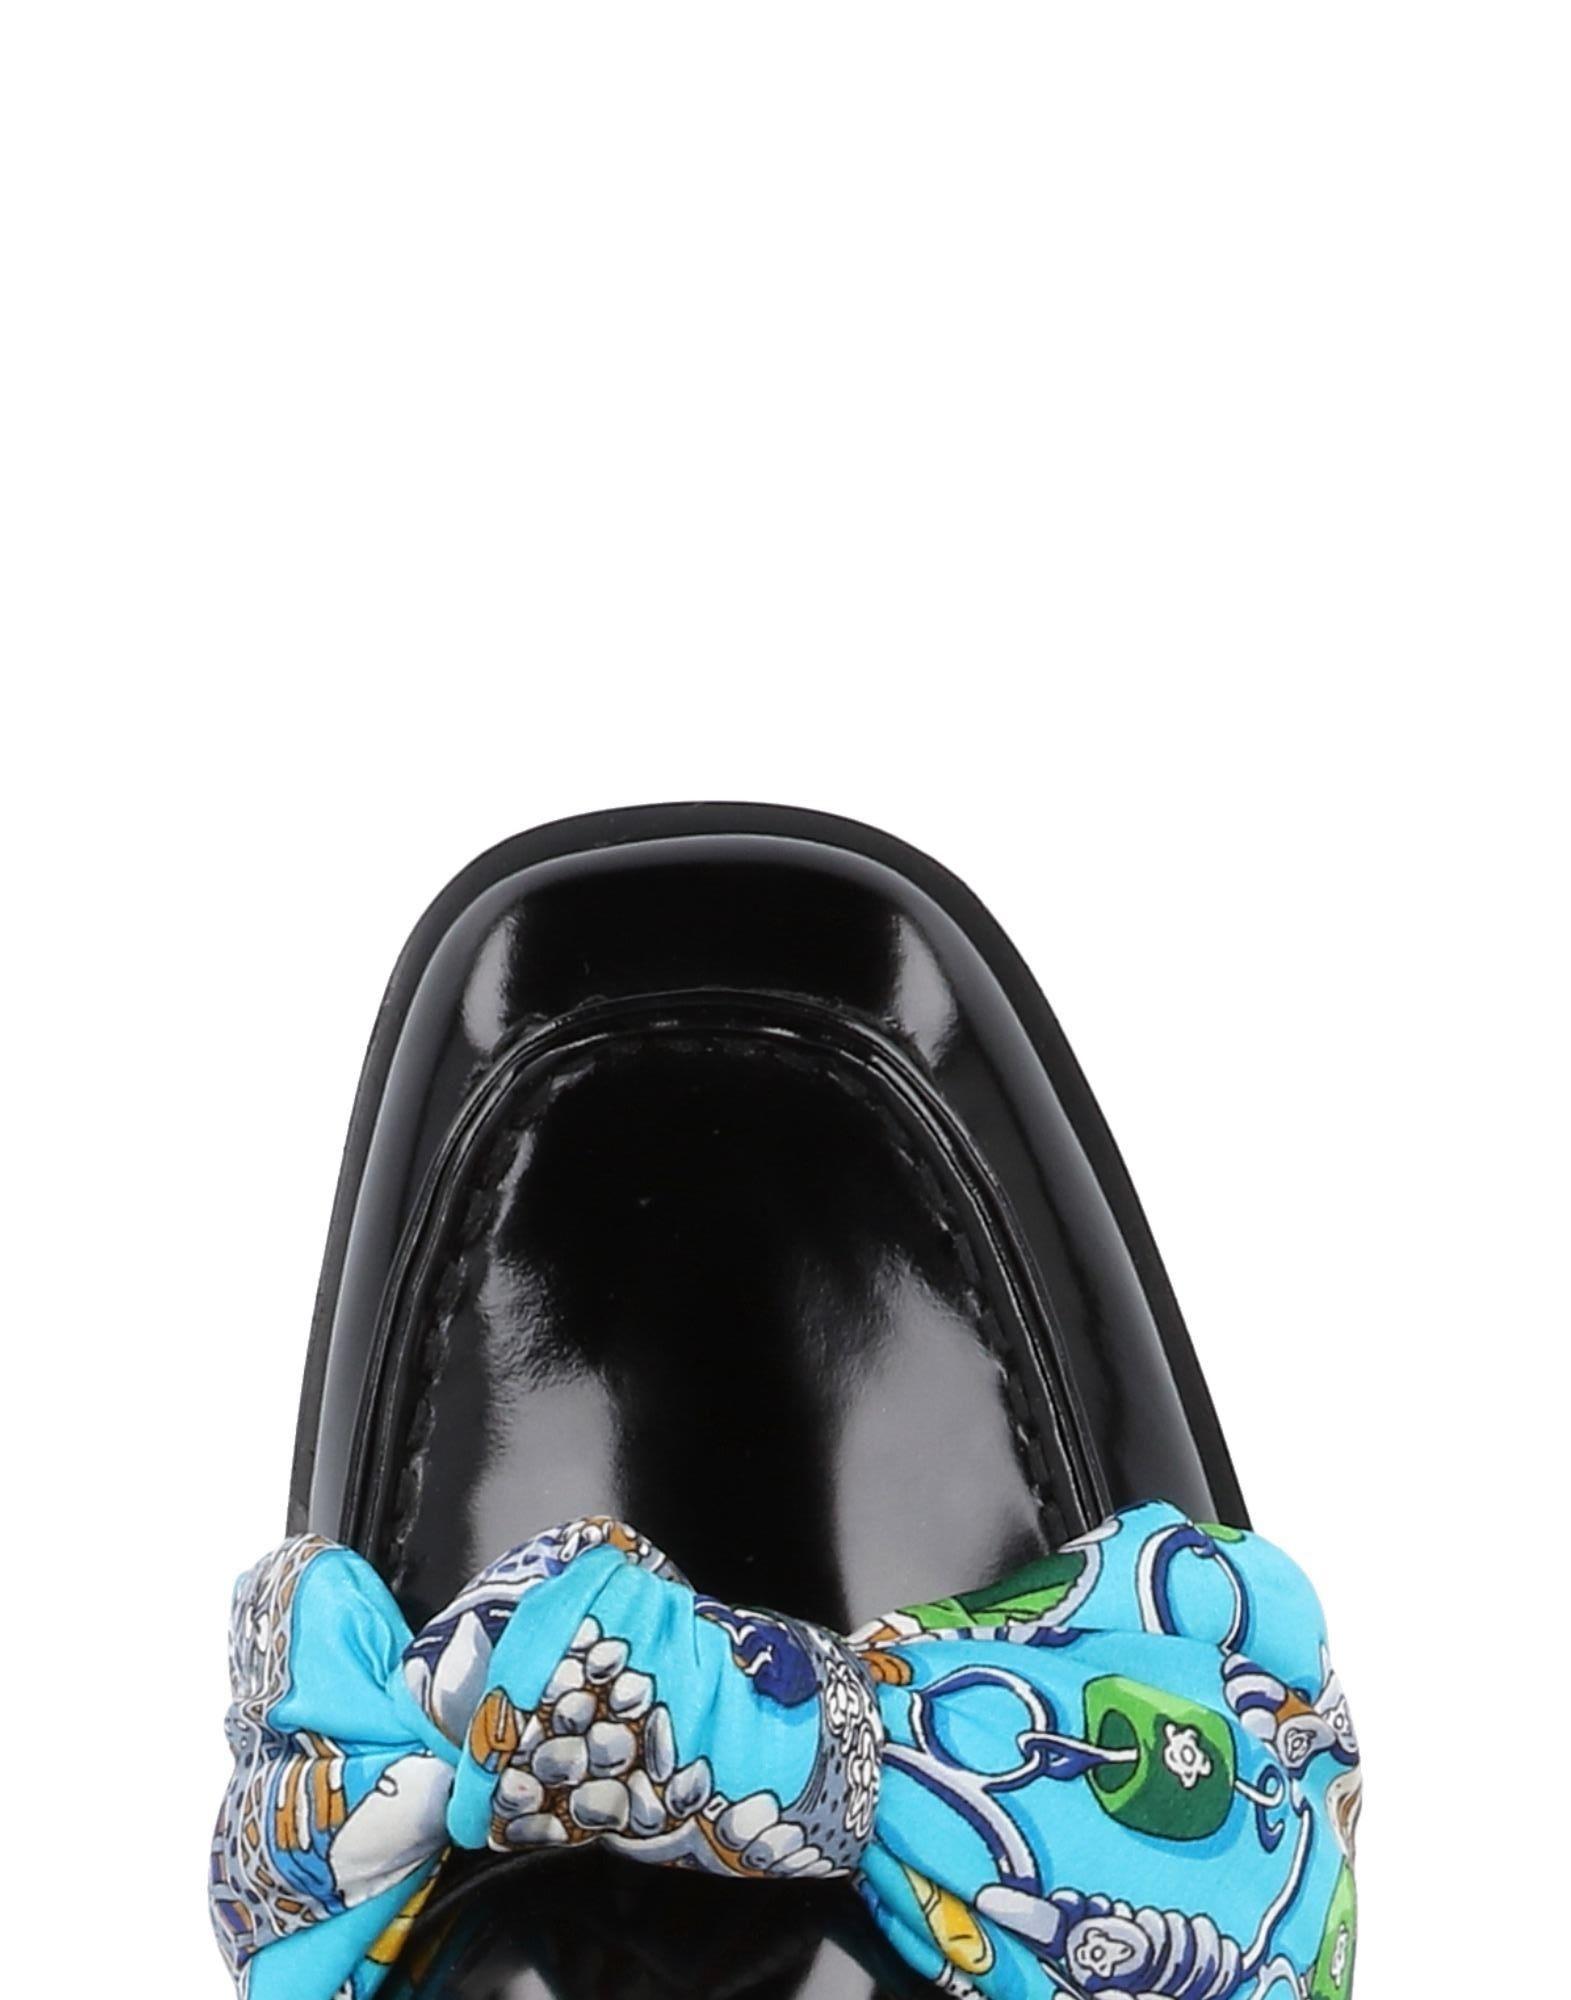 Jeffrey Campbell Gute Mokassins Damen  11467060EV Gute Campbell Qualität beliebte Schuhe b4b447